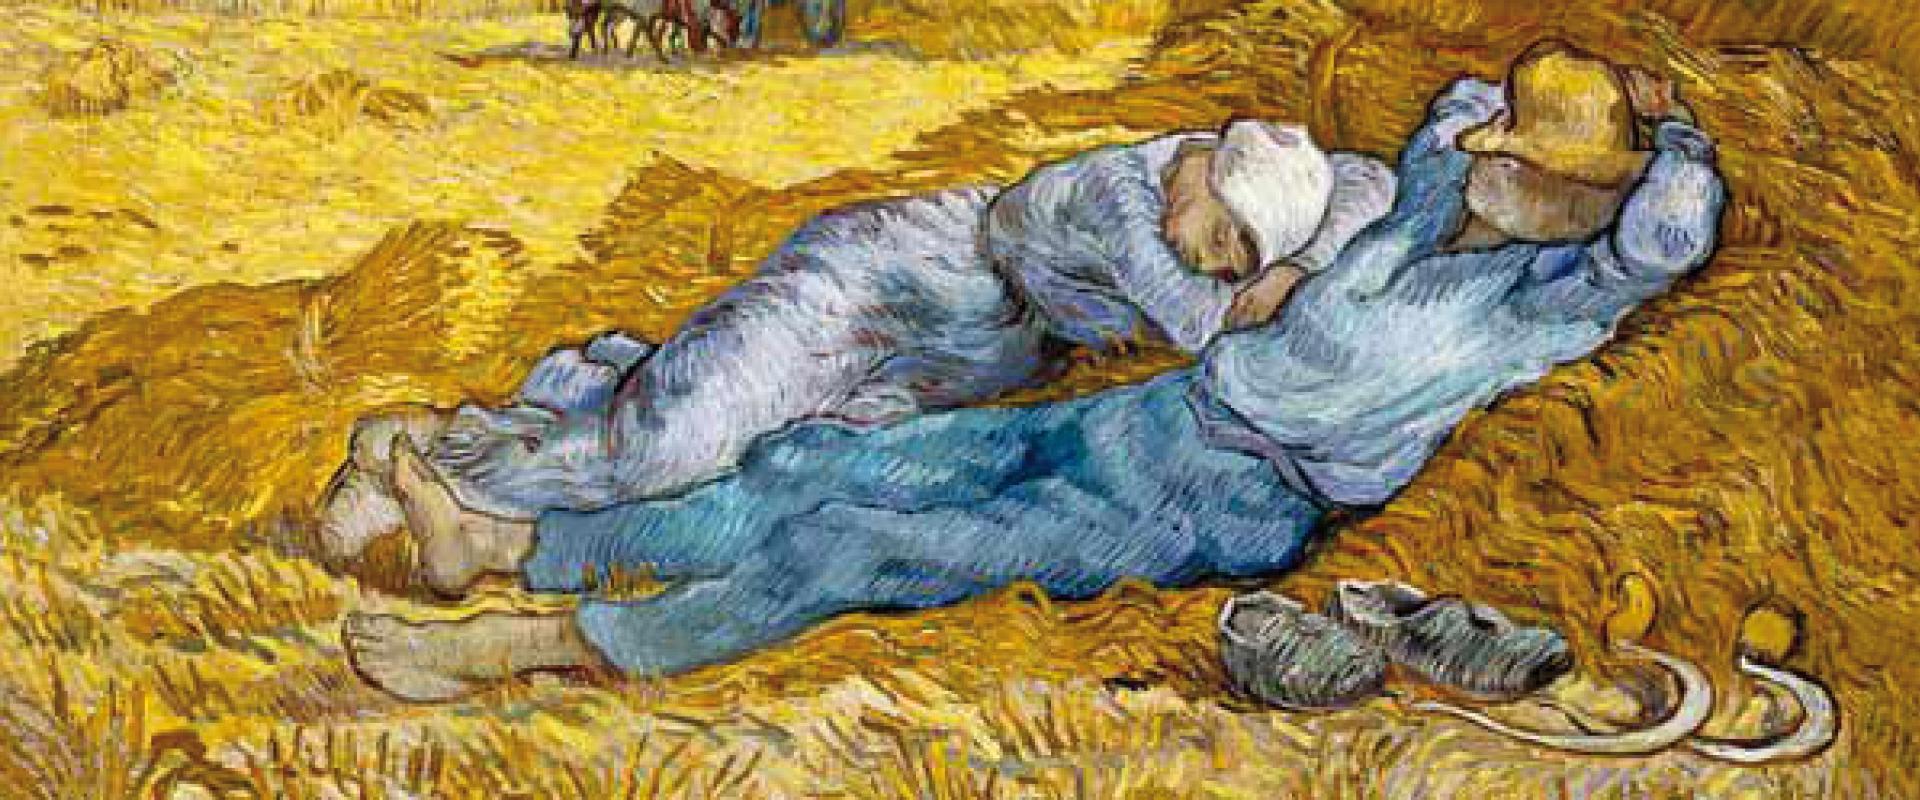 Les peintres et le sommeil